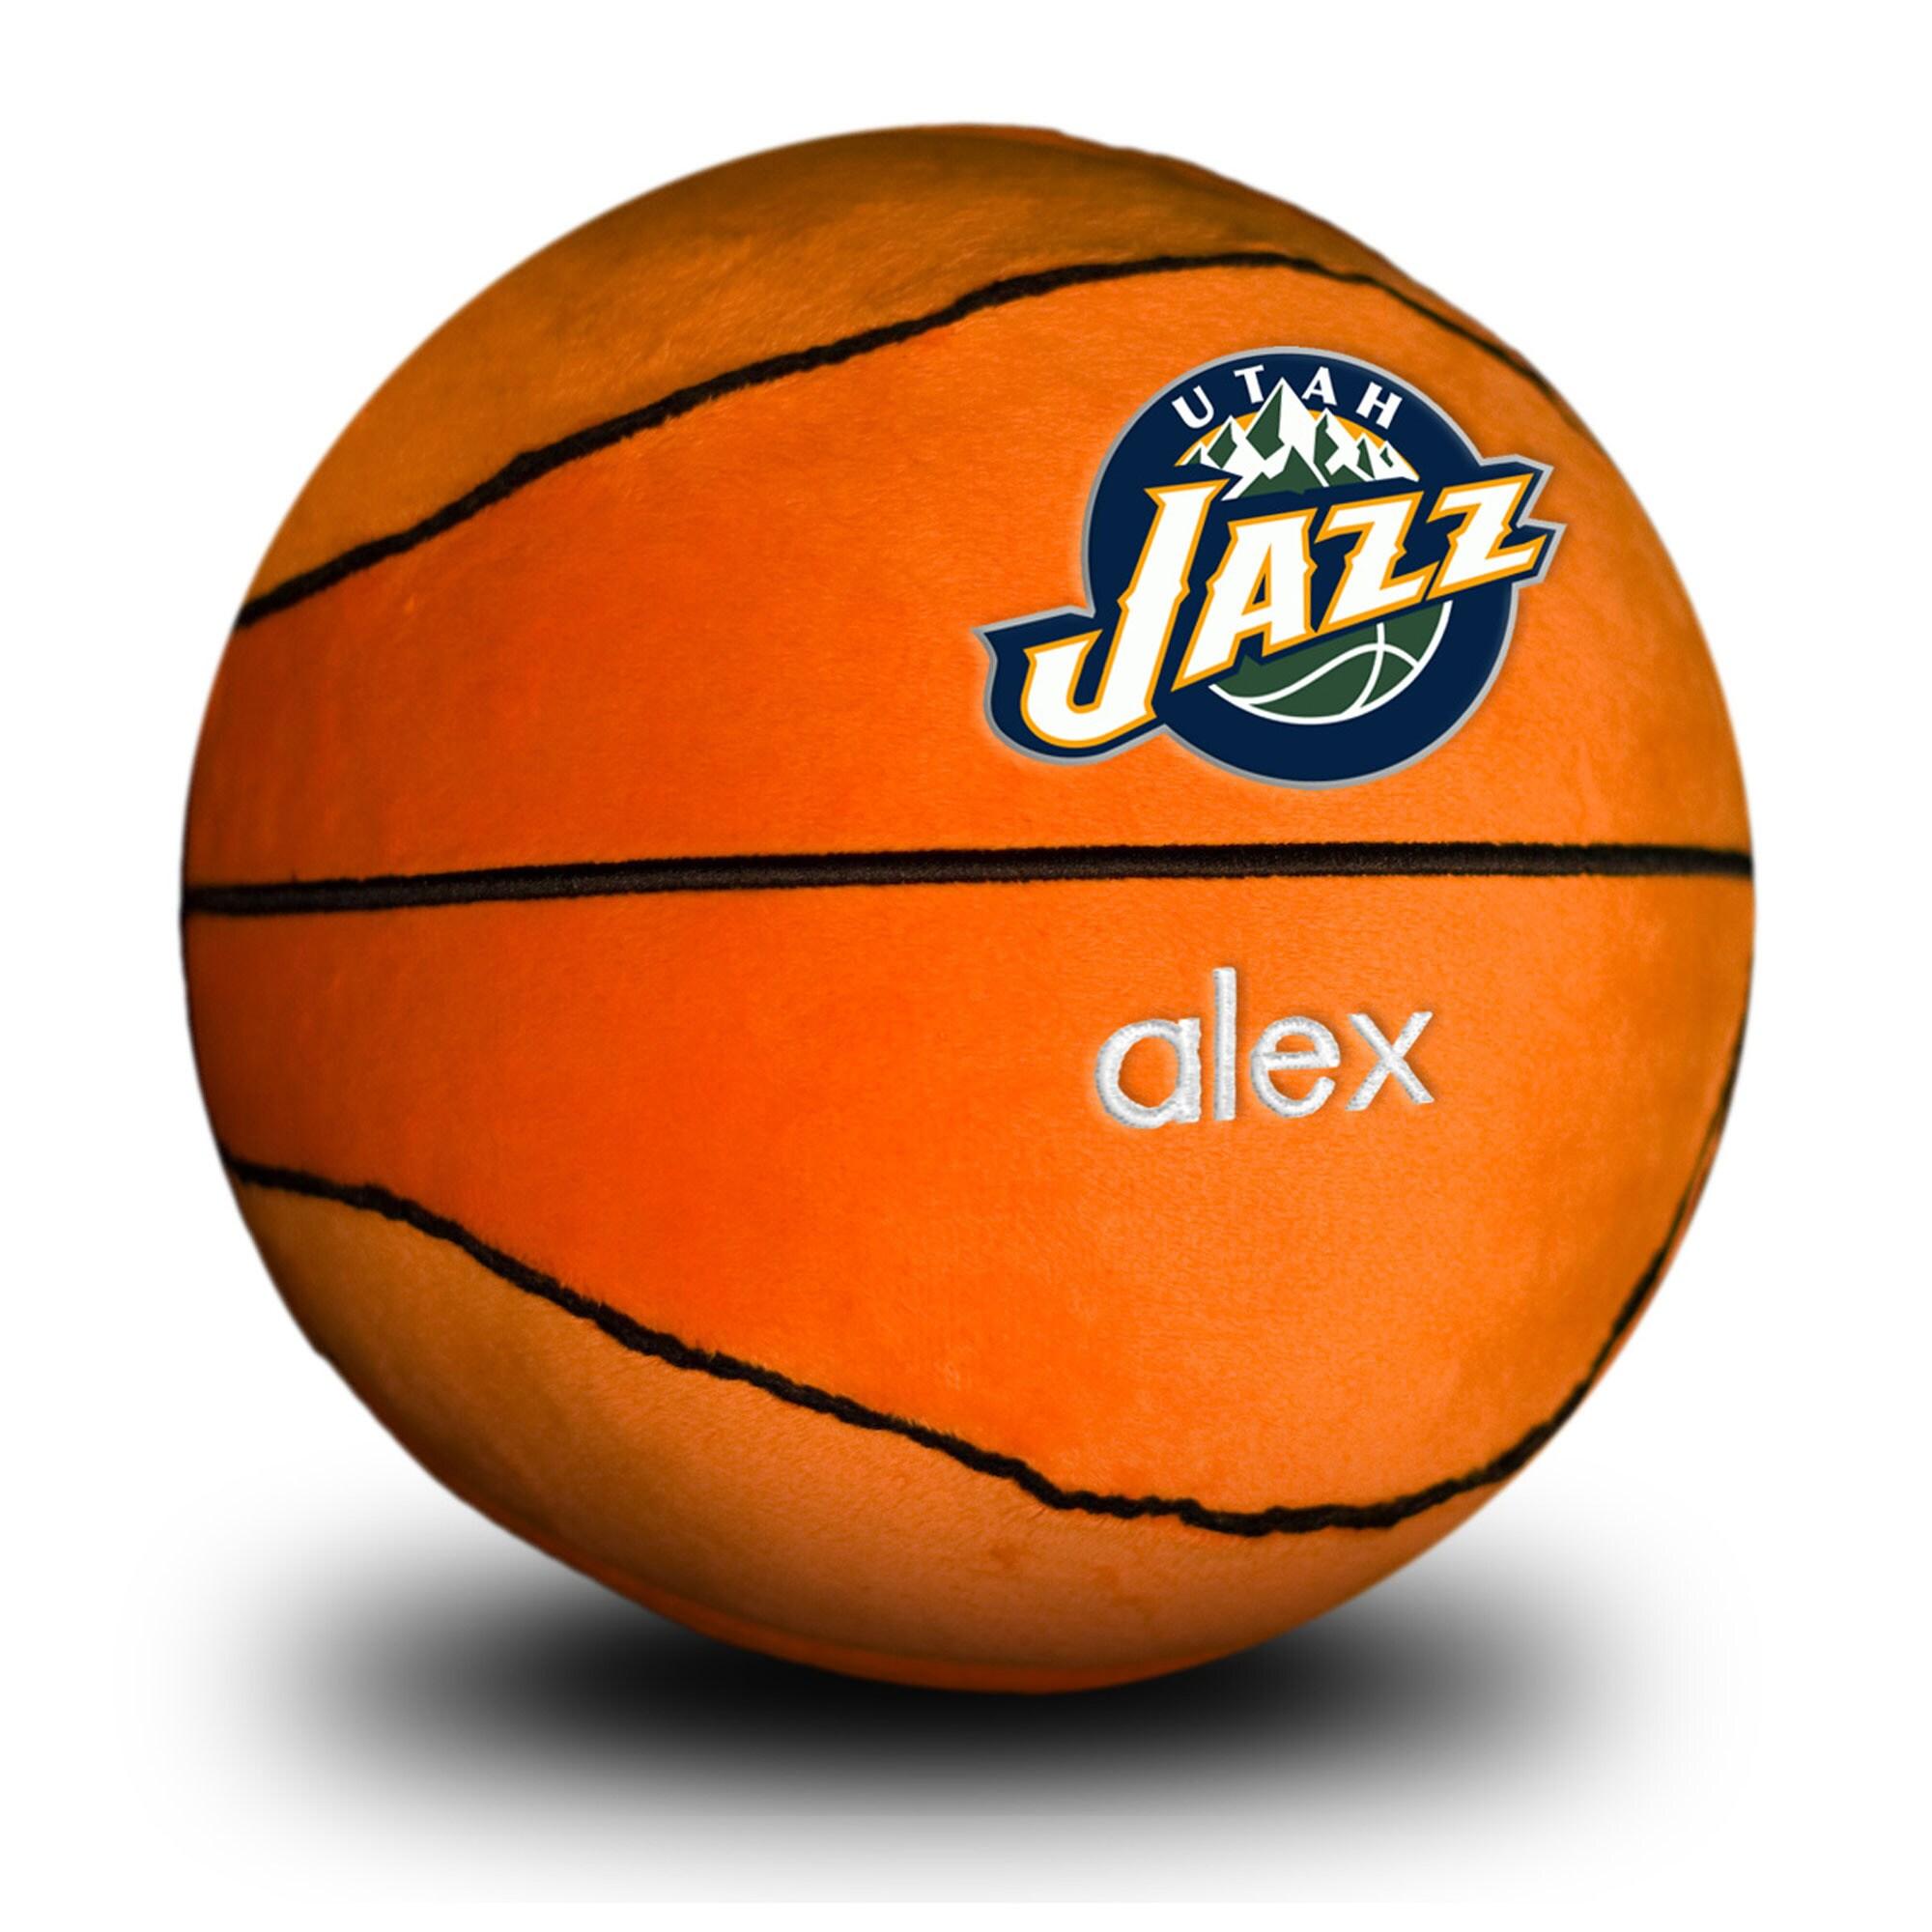 Utah Jazz Personalized Plush Baby Basketball - Orange